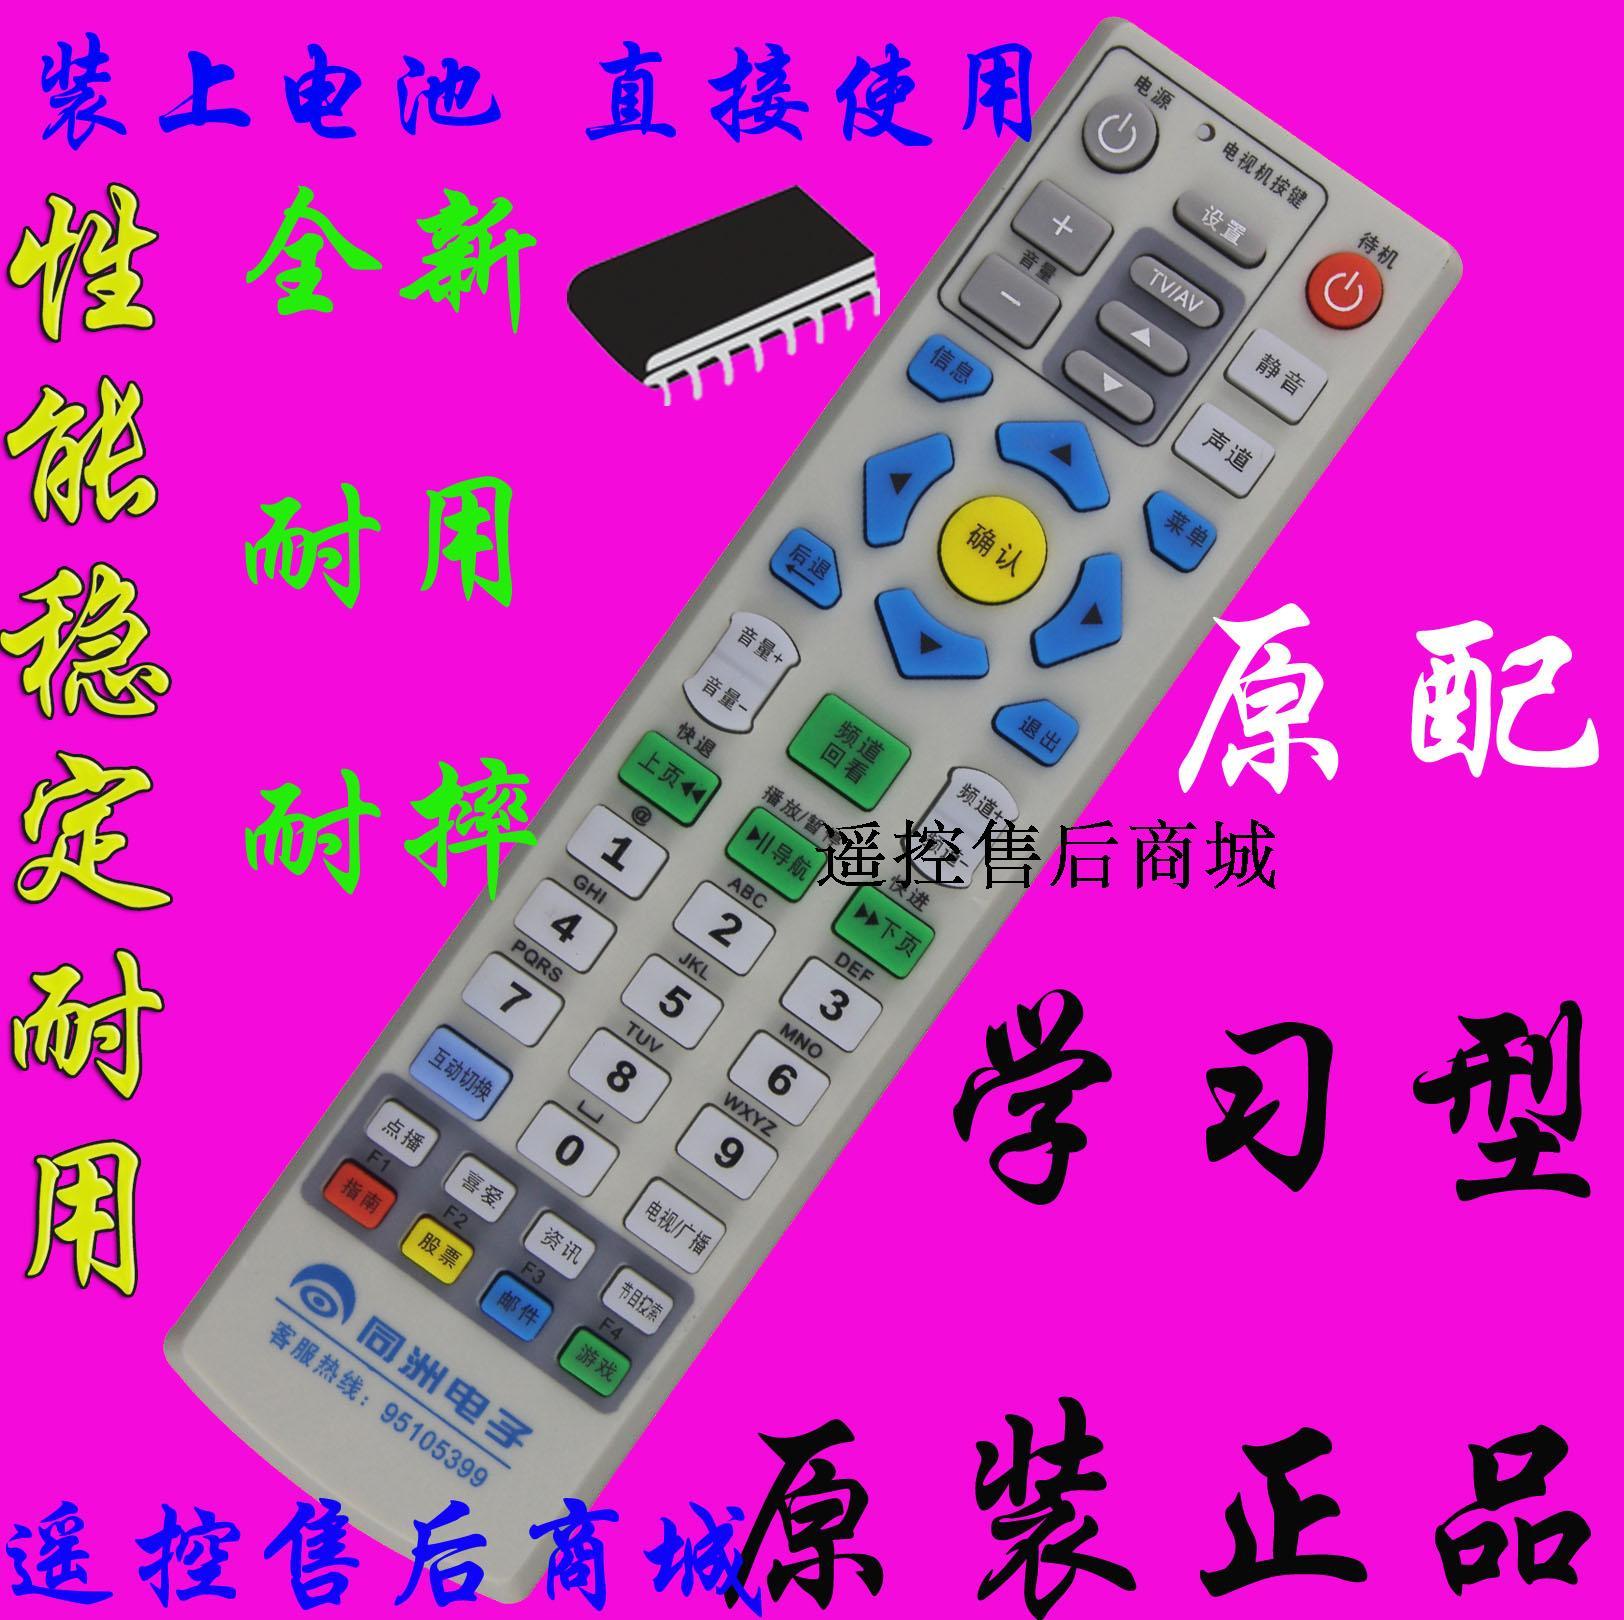 оригинальные Tongchuan электронных N7300N7700N8606N9201 панда skyworth Galaxy приставка controller